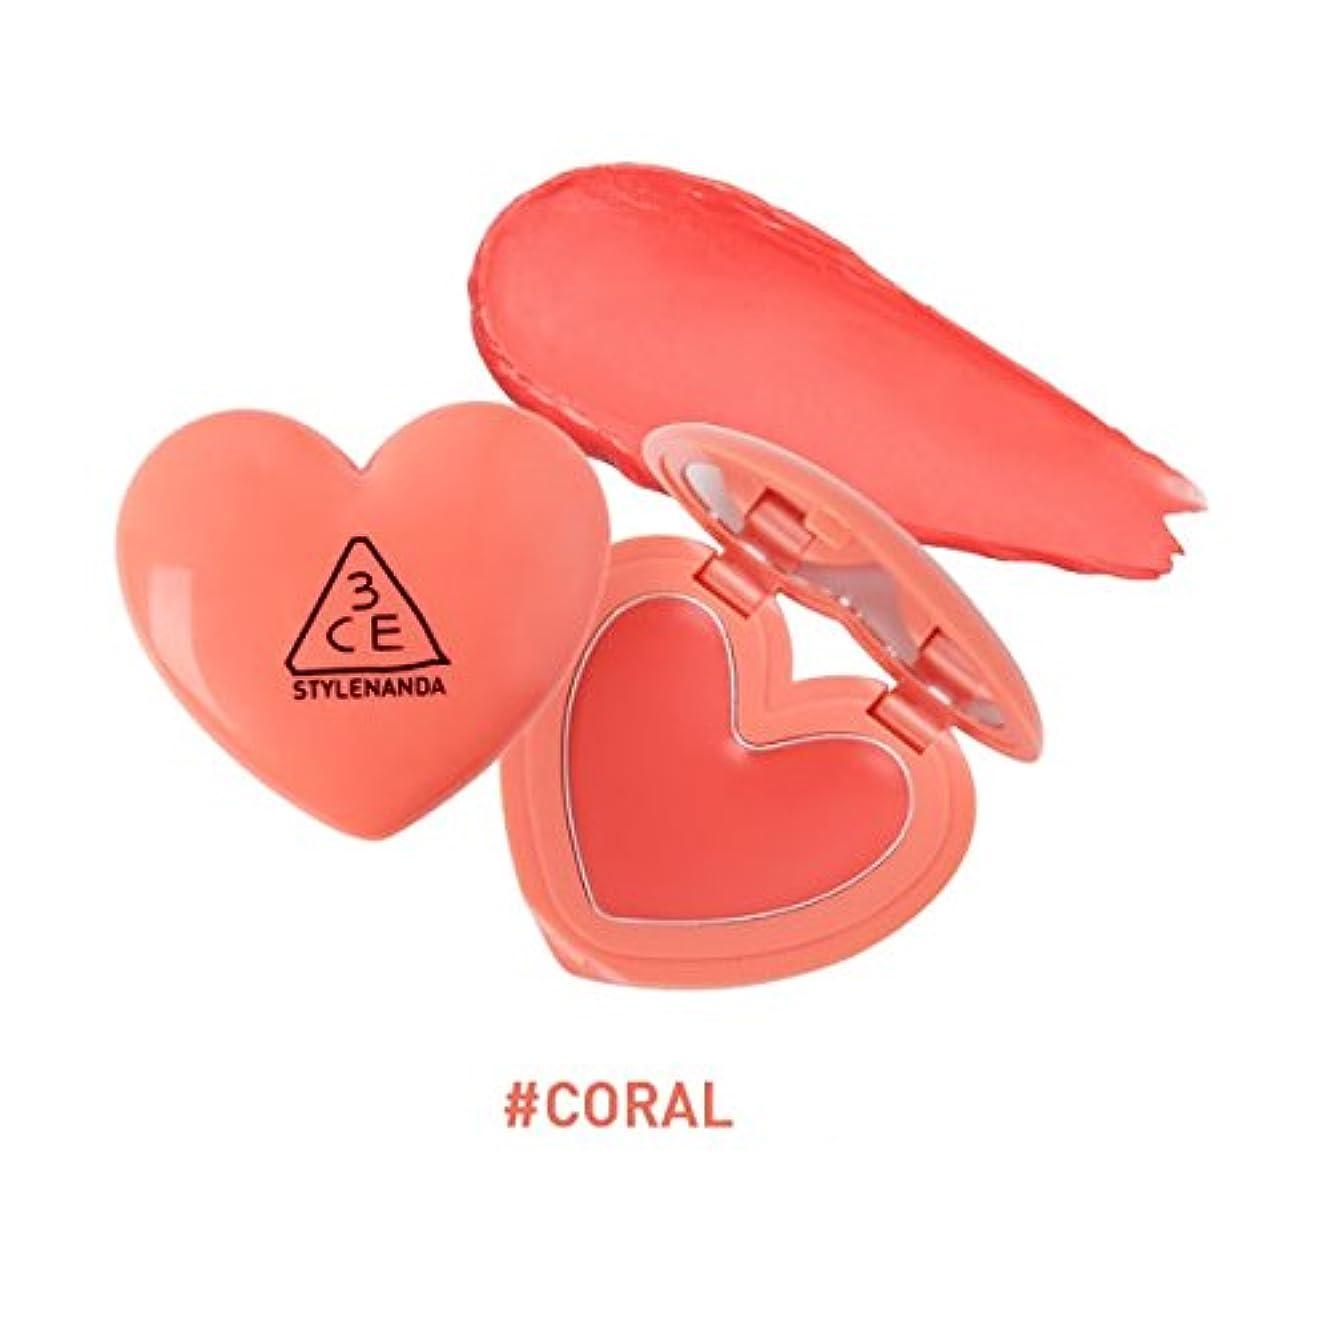 履歴書薄い保守可能3CE ハート ポットリップ / HEART POT LIP (1.4g) (CORAL) [並行輸入品]